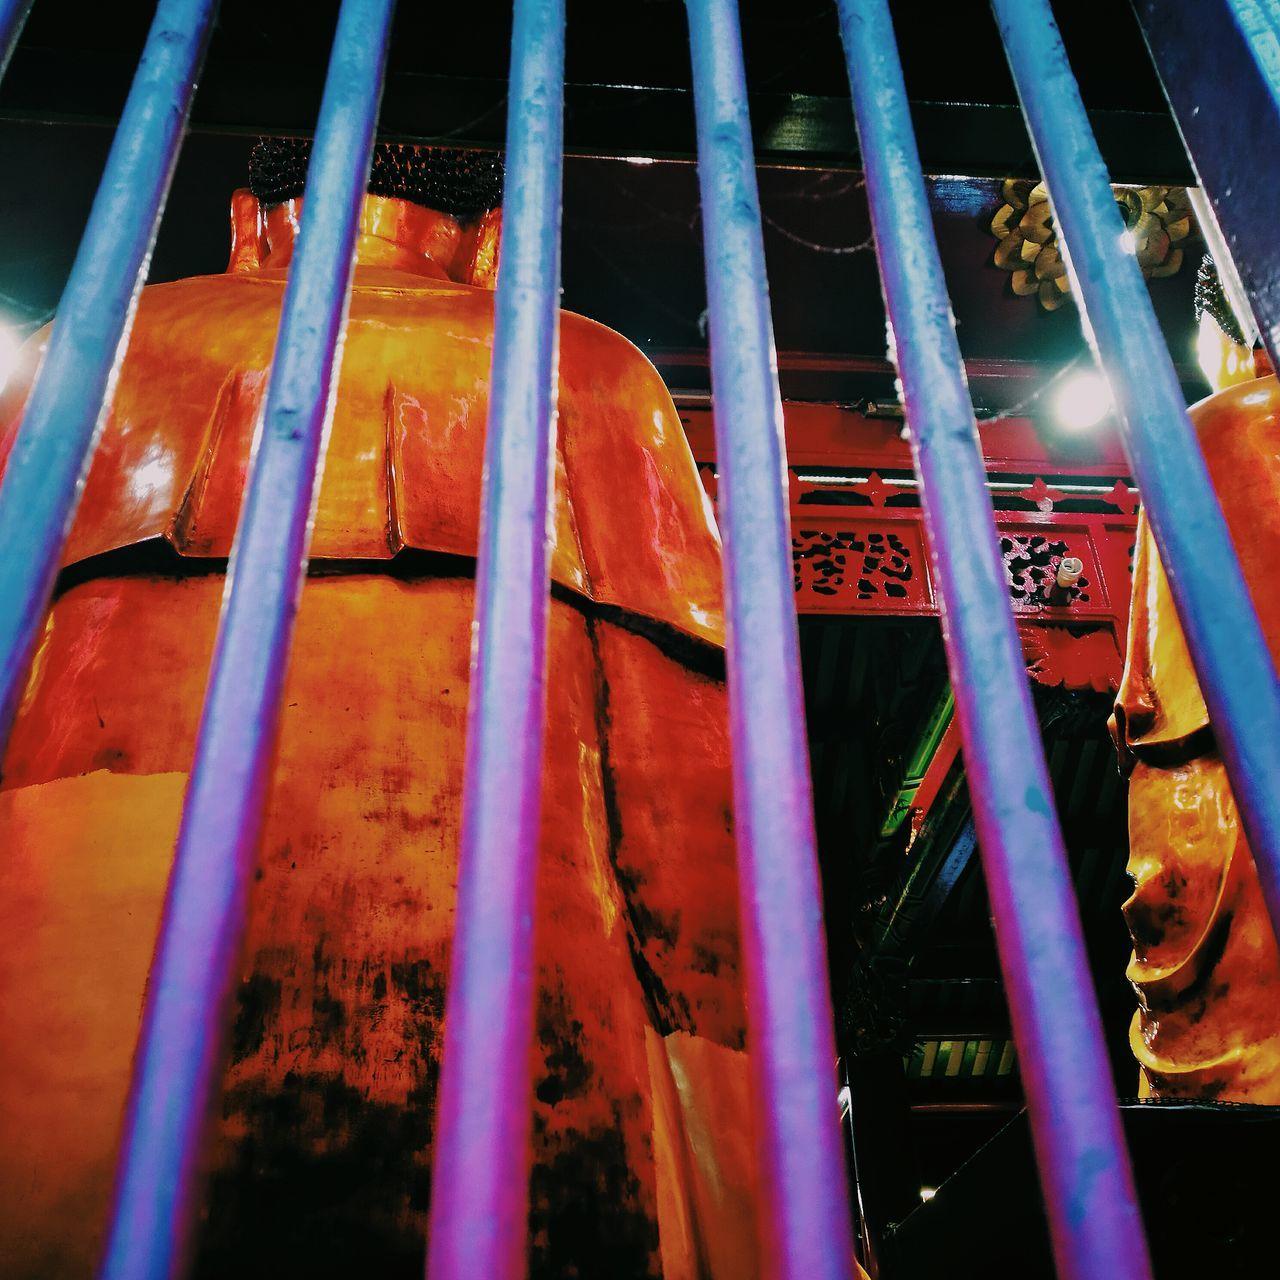 Behinddddd 🙏 Buddha Buddhist Temple Buddhism Buddhist China Town Yaowarat Yaowarat Chinatown Yaowarat Area Photooftheday Photographer Photography Love Thailand Bangkok Thailand